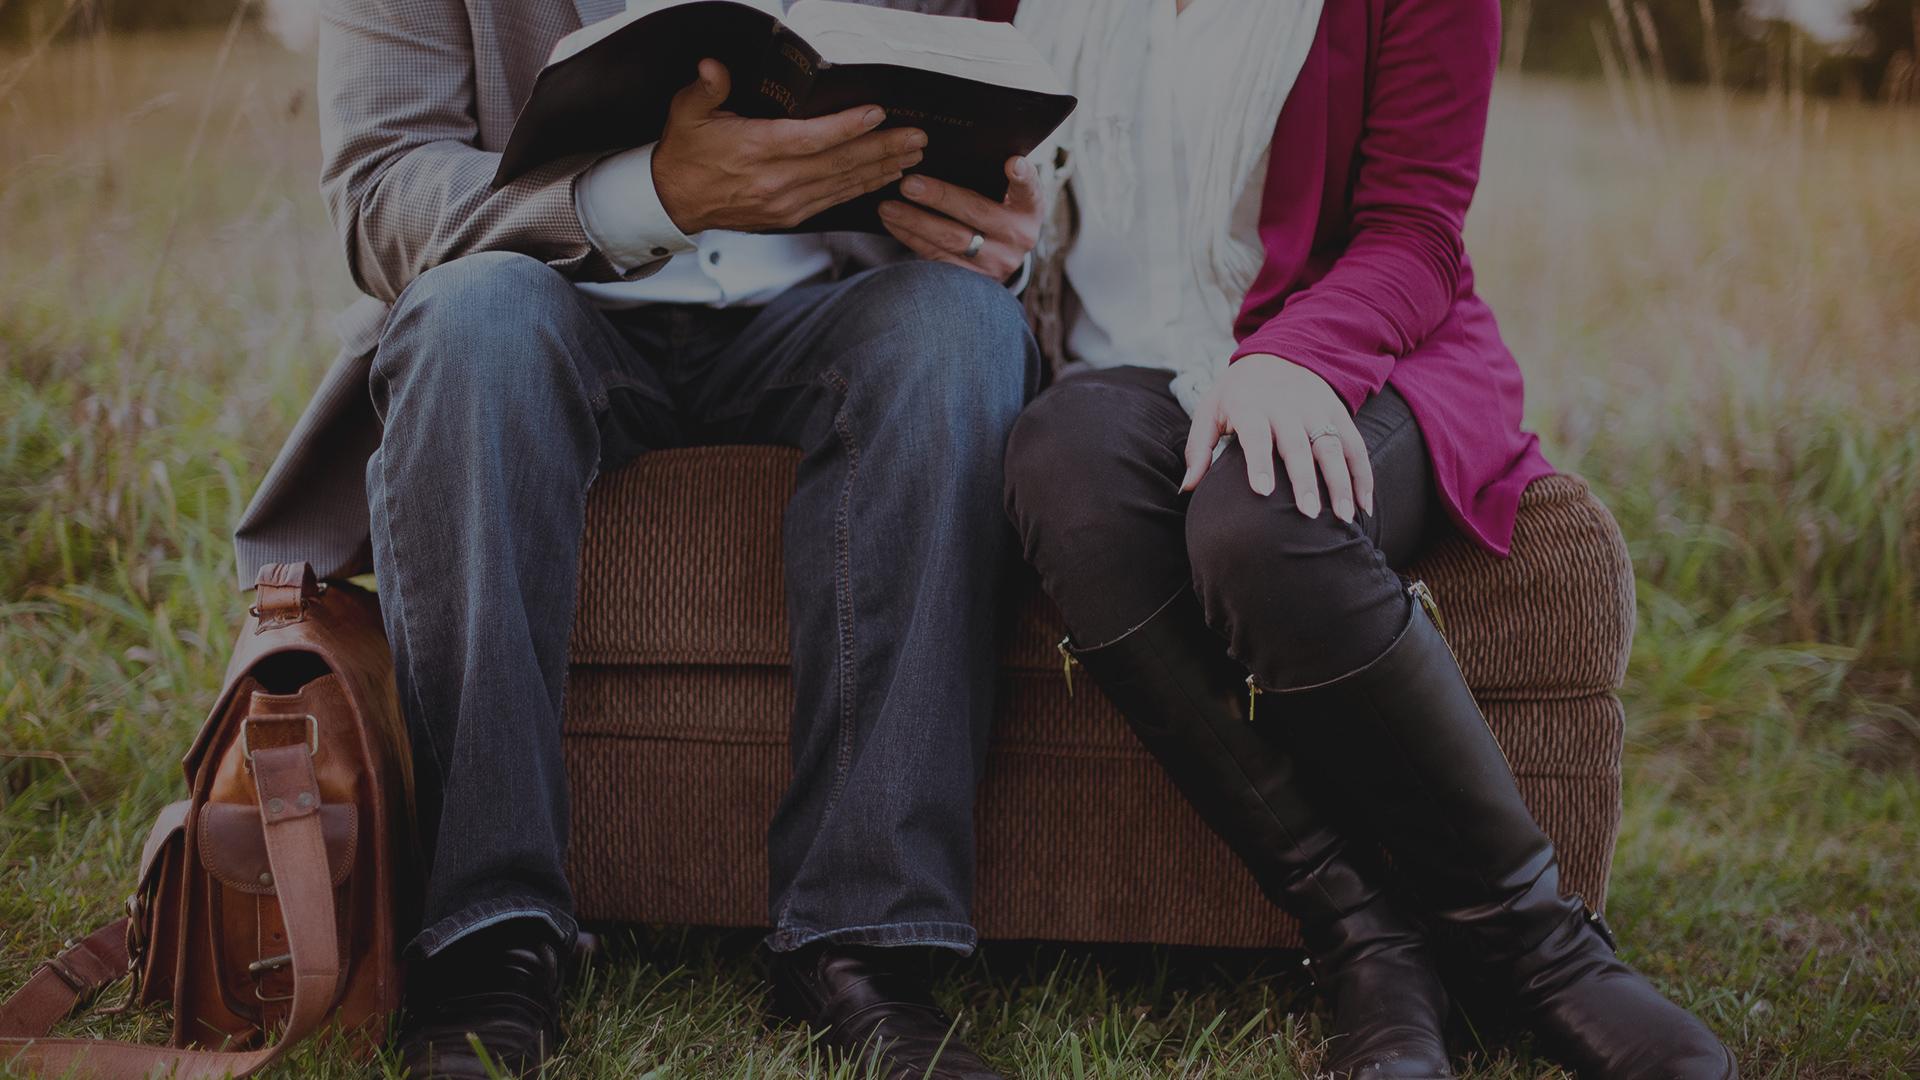 Pursuing Jesus Together